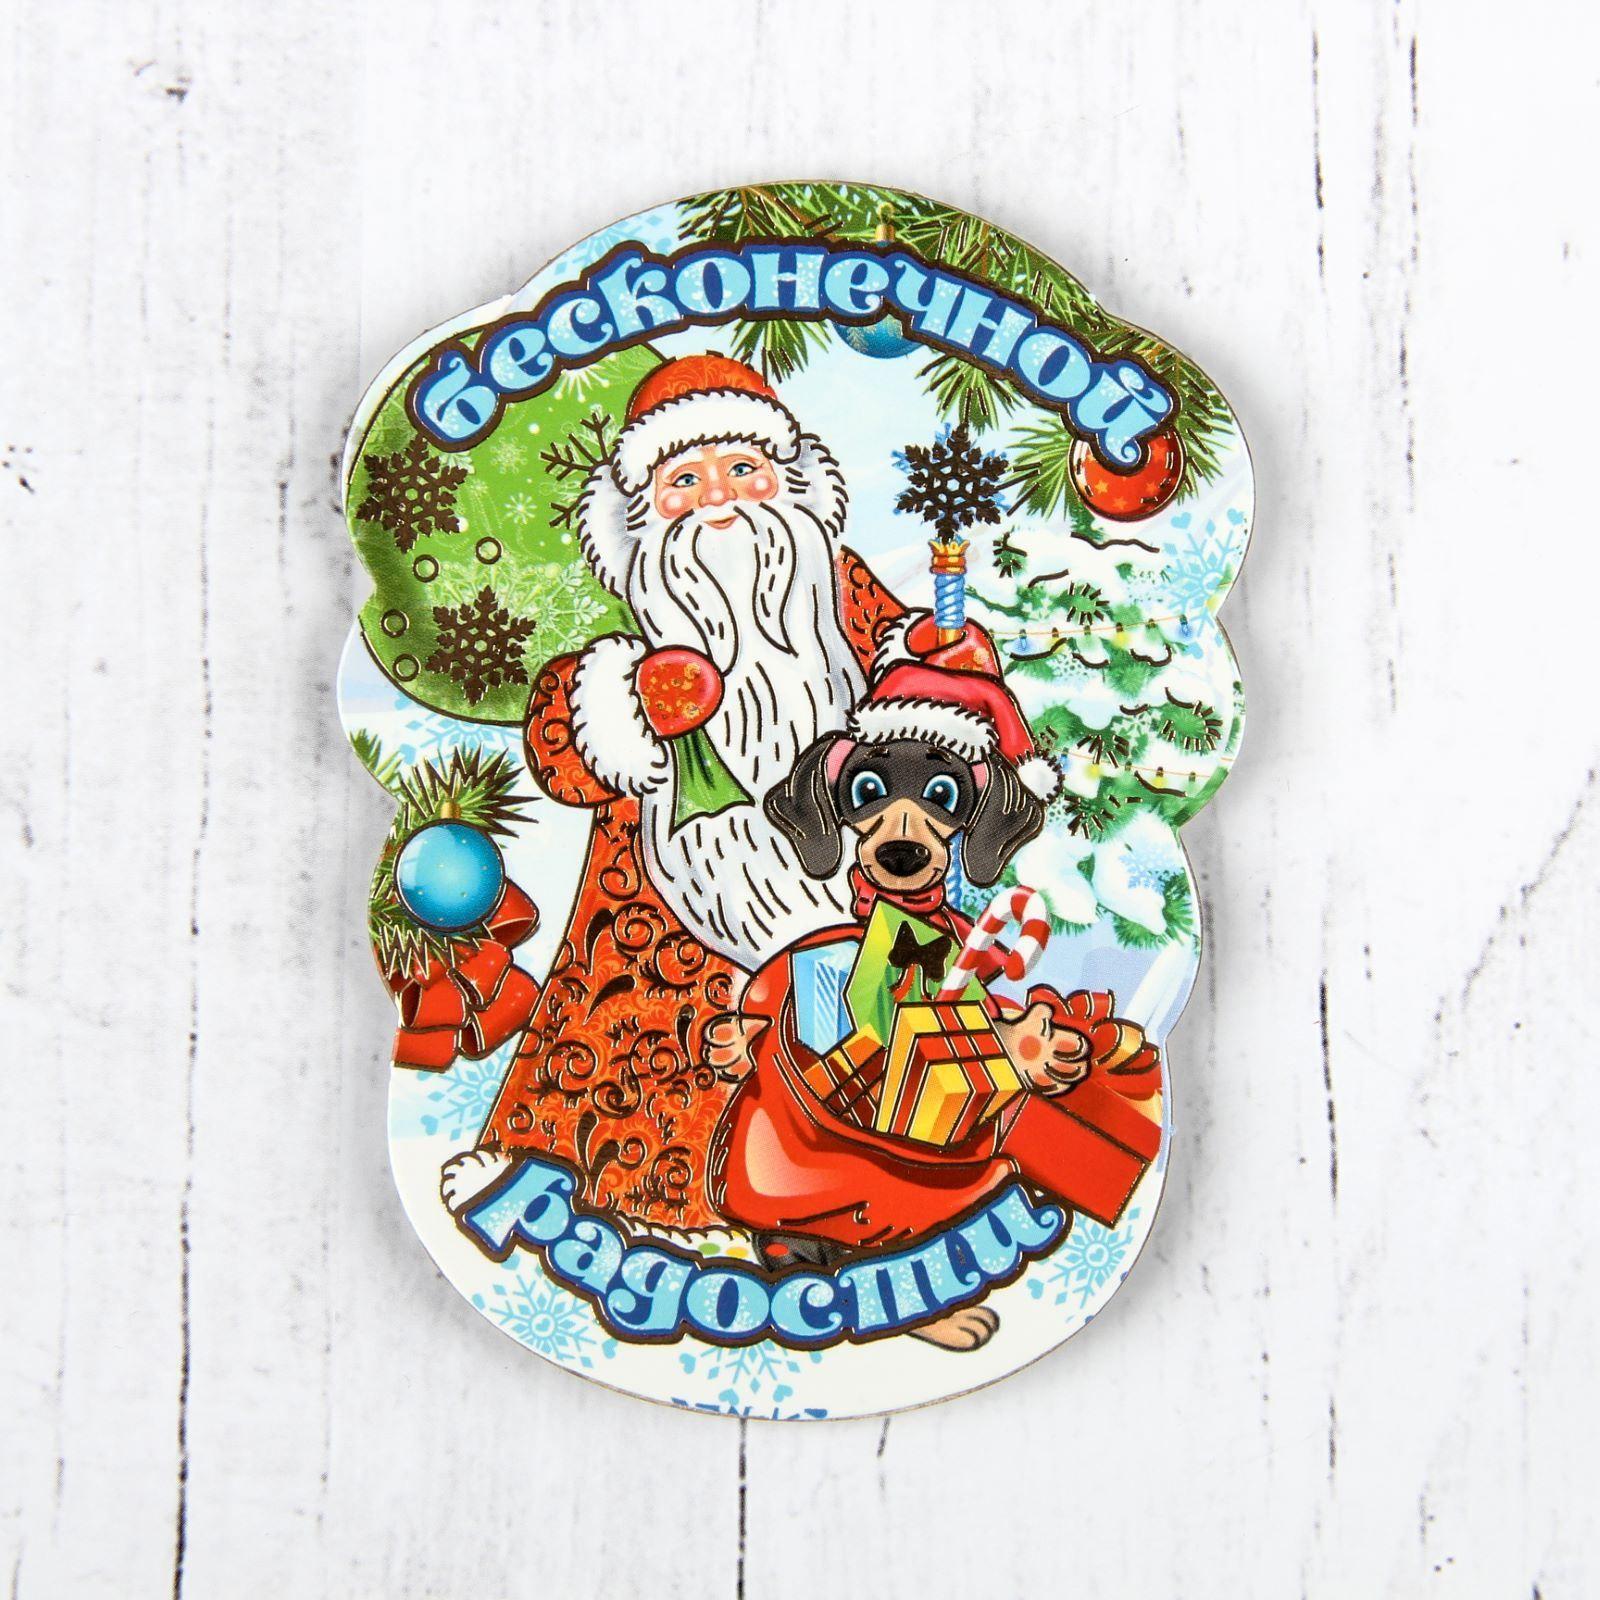 Магнит Sima-land Новогодний. 2018, 10 х 7,5 см. 25324062532406Порадуйте родных и близких оригинальным сувениром: преподнесите в подарок магнит. С ним даже самый серьёзный человек почувствует себя ребёнком, ожидающим чудо! Создайте праздничное настроение, и оно останется с вами на весь год.